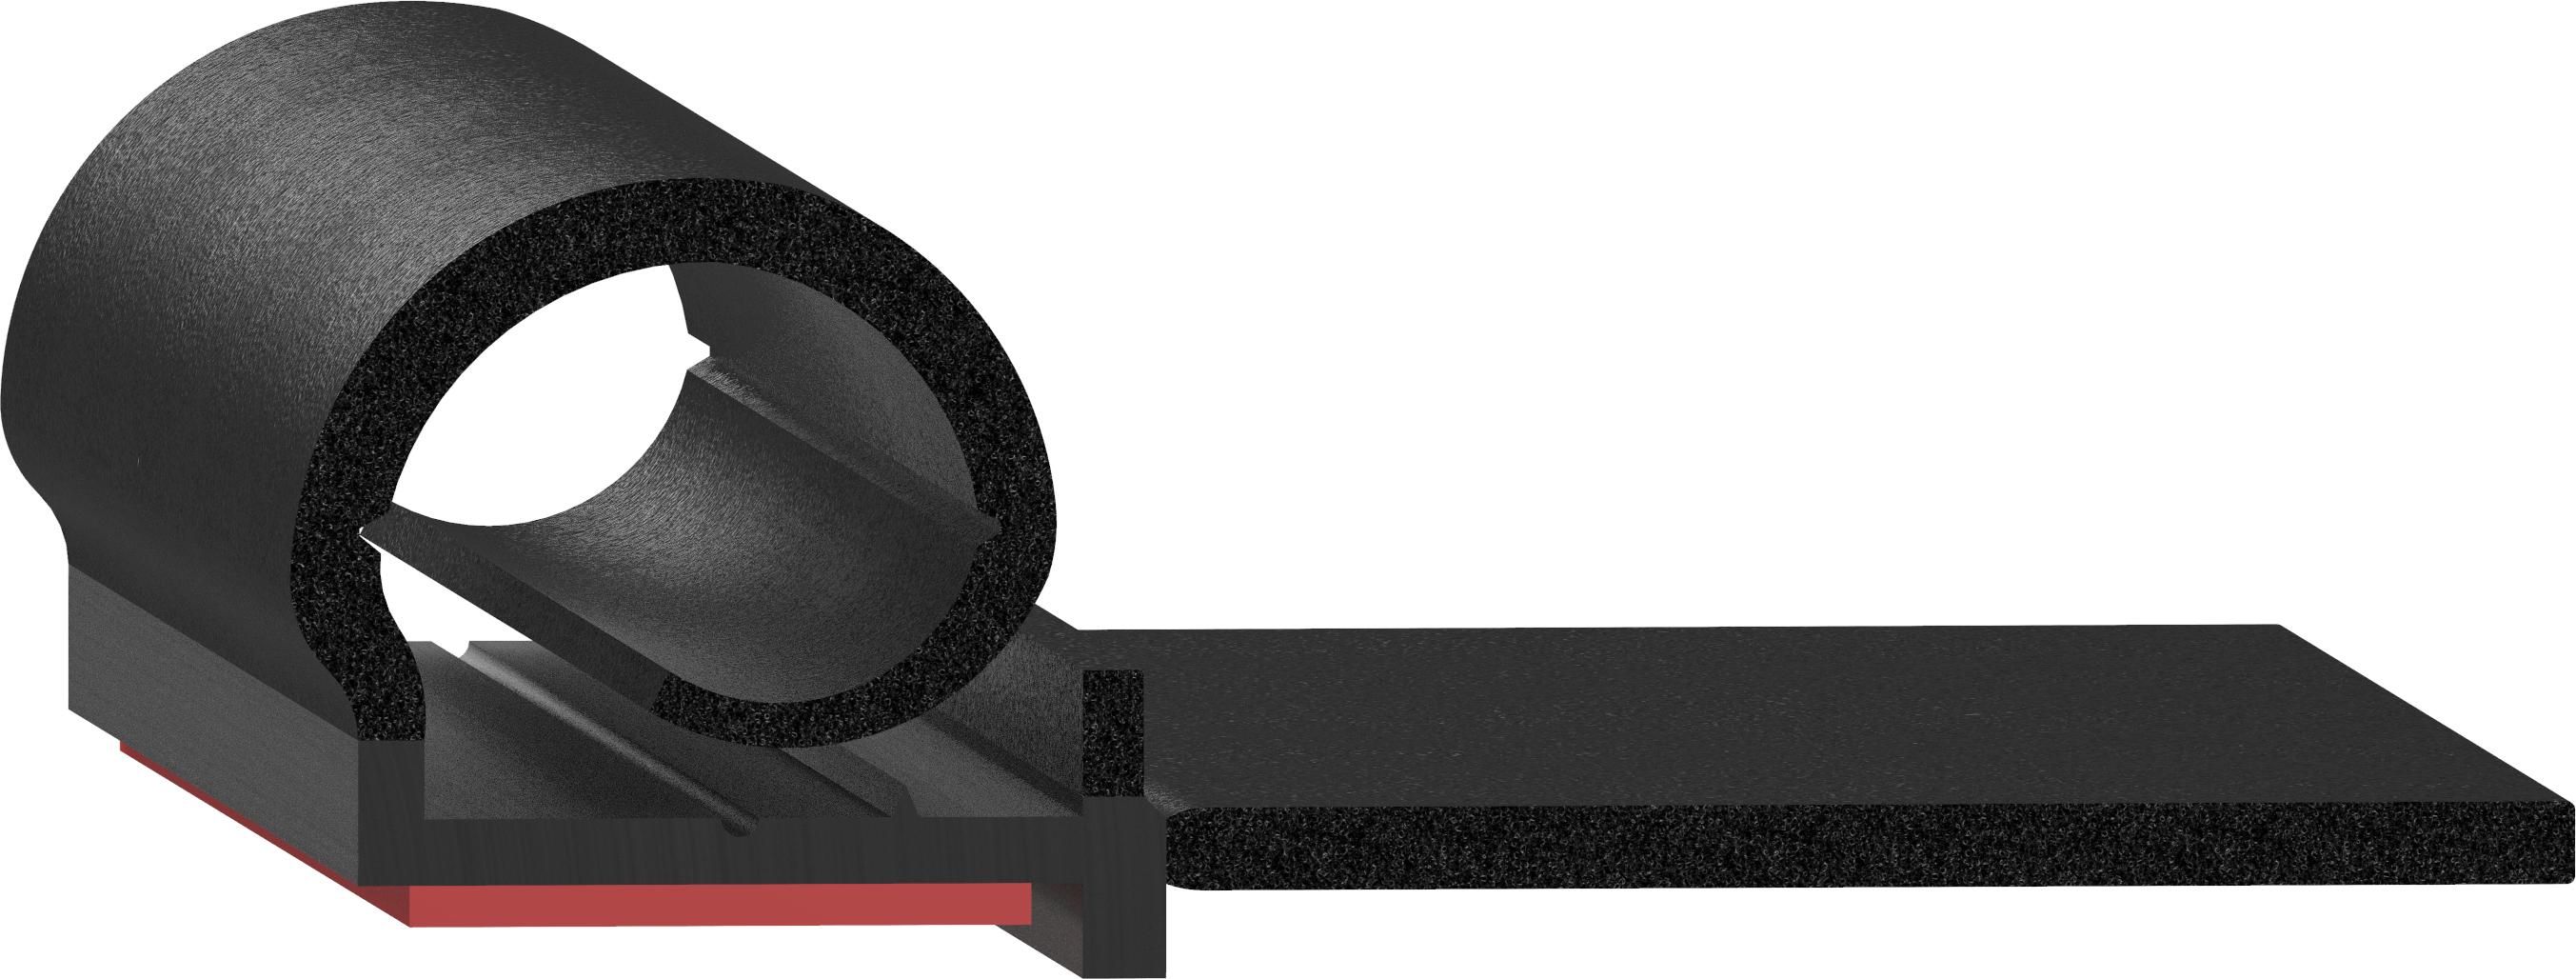 Uni-Grip part: Uni-Seal